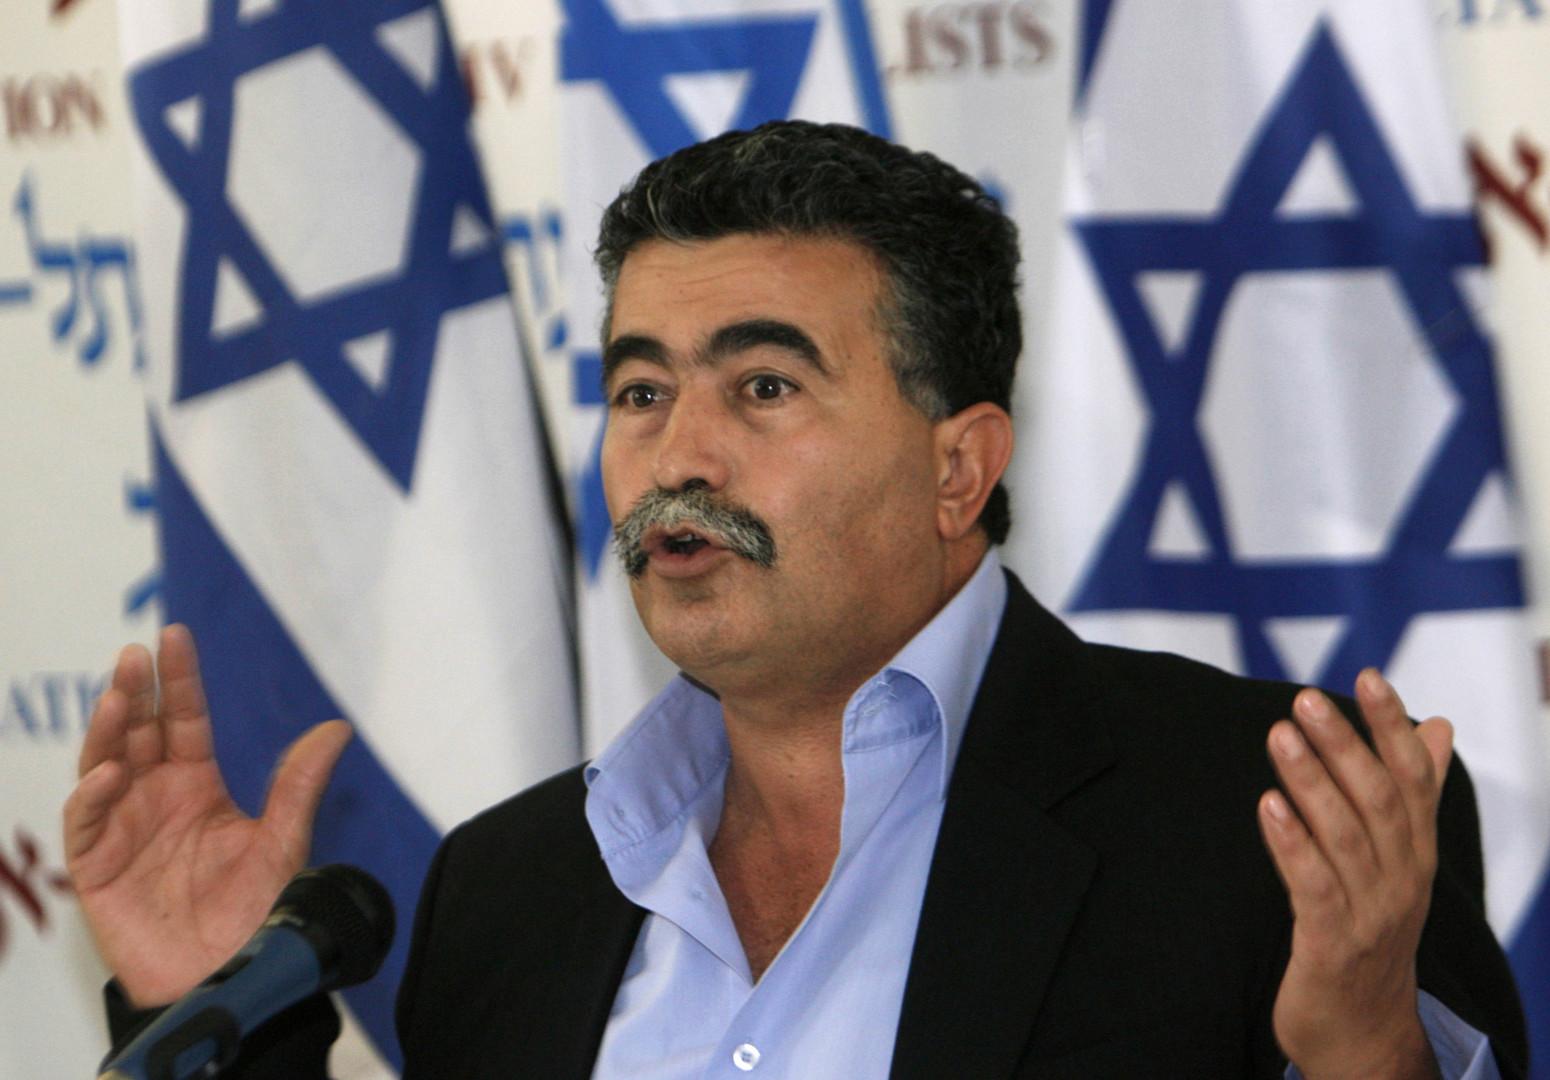 عضو الكنيست الإسرائيلي، عمير بيرتس